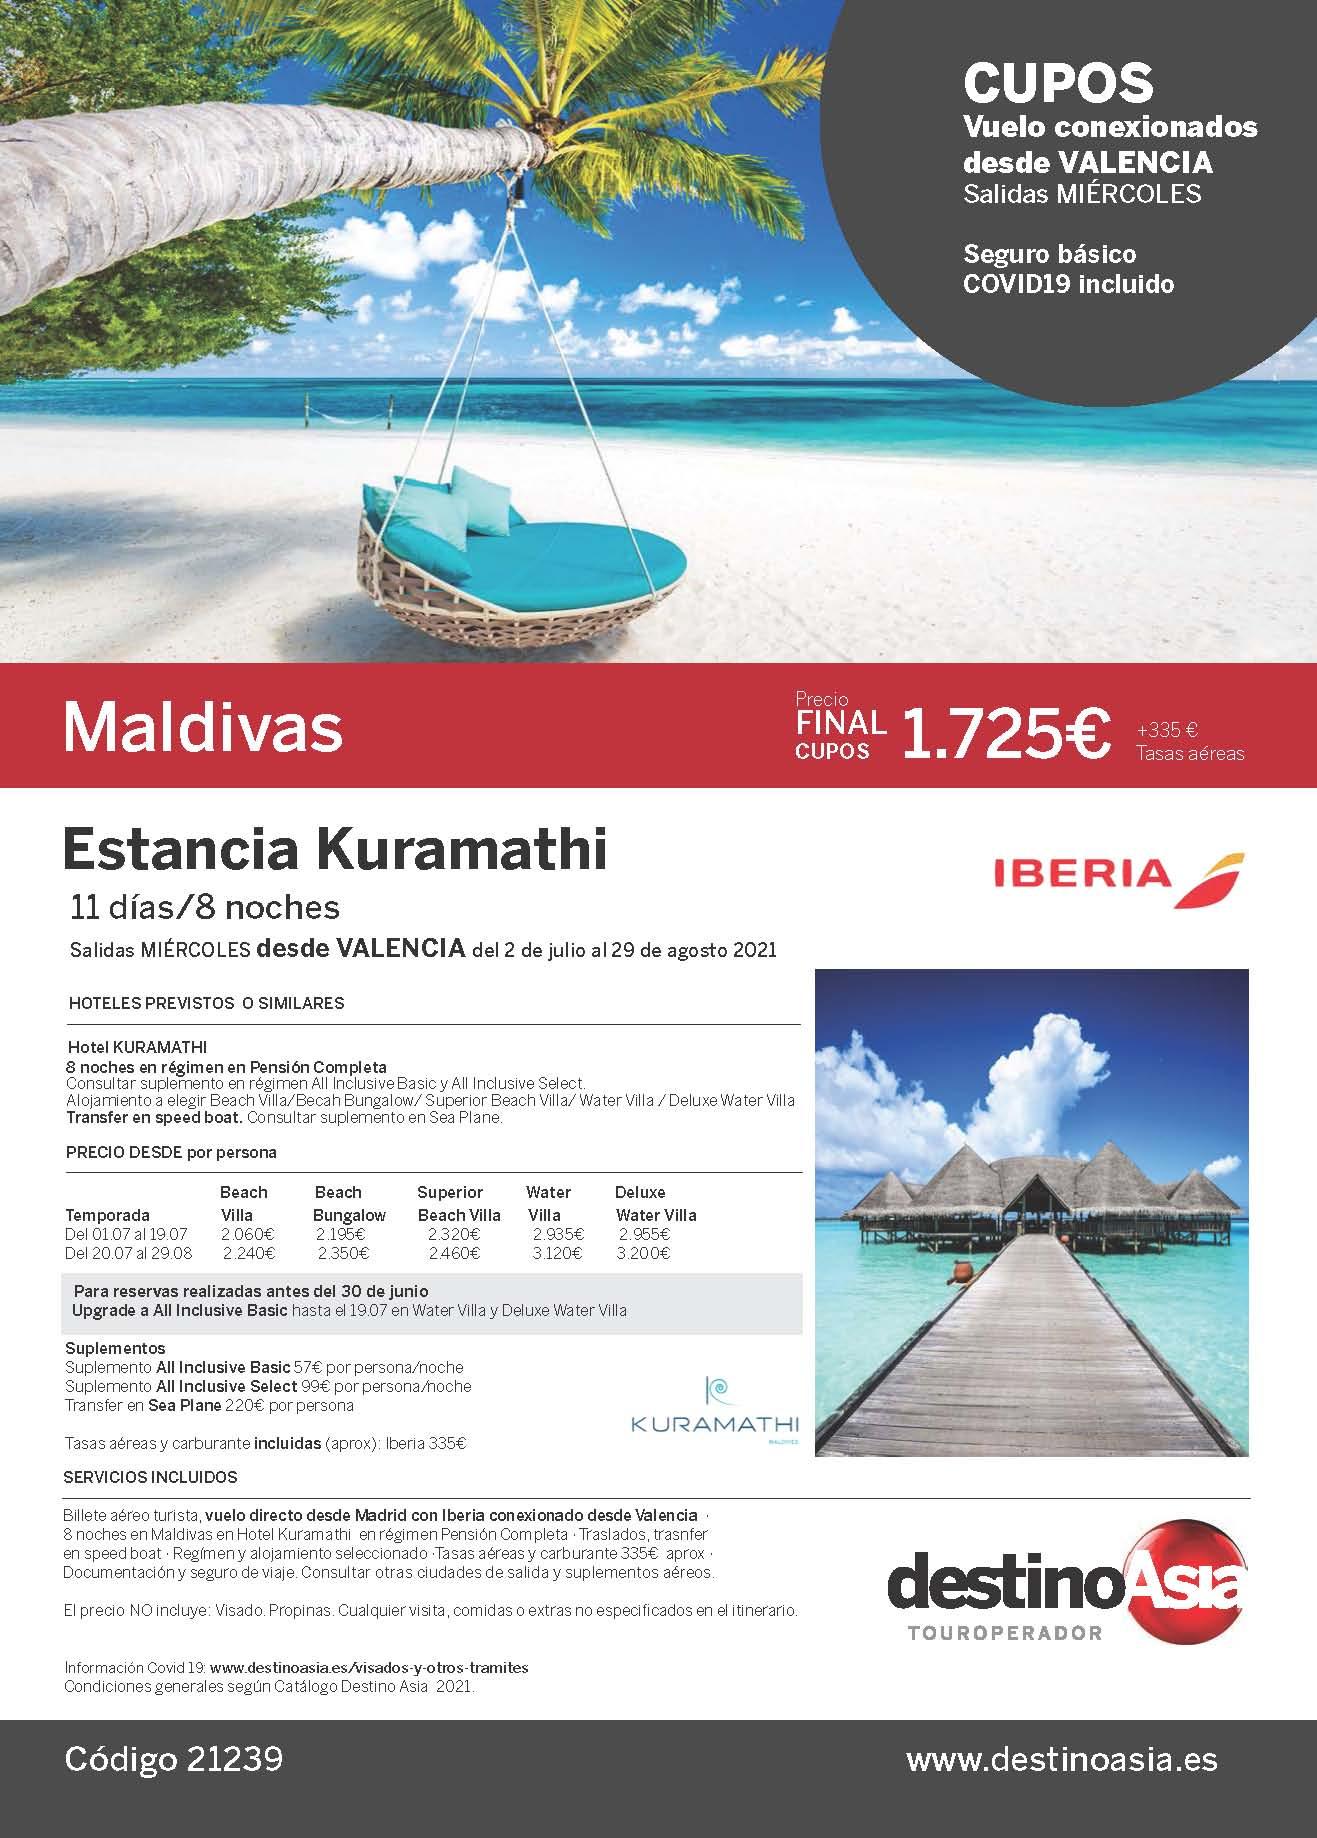 Oferta Destino Asia Estancia en Kuramathi Maldivas 2021 cupos salidas desde Valencia